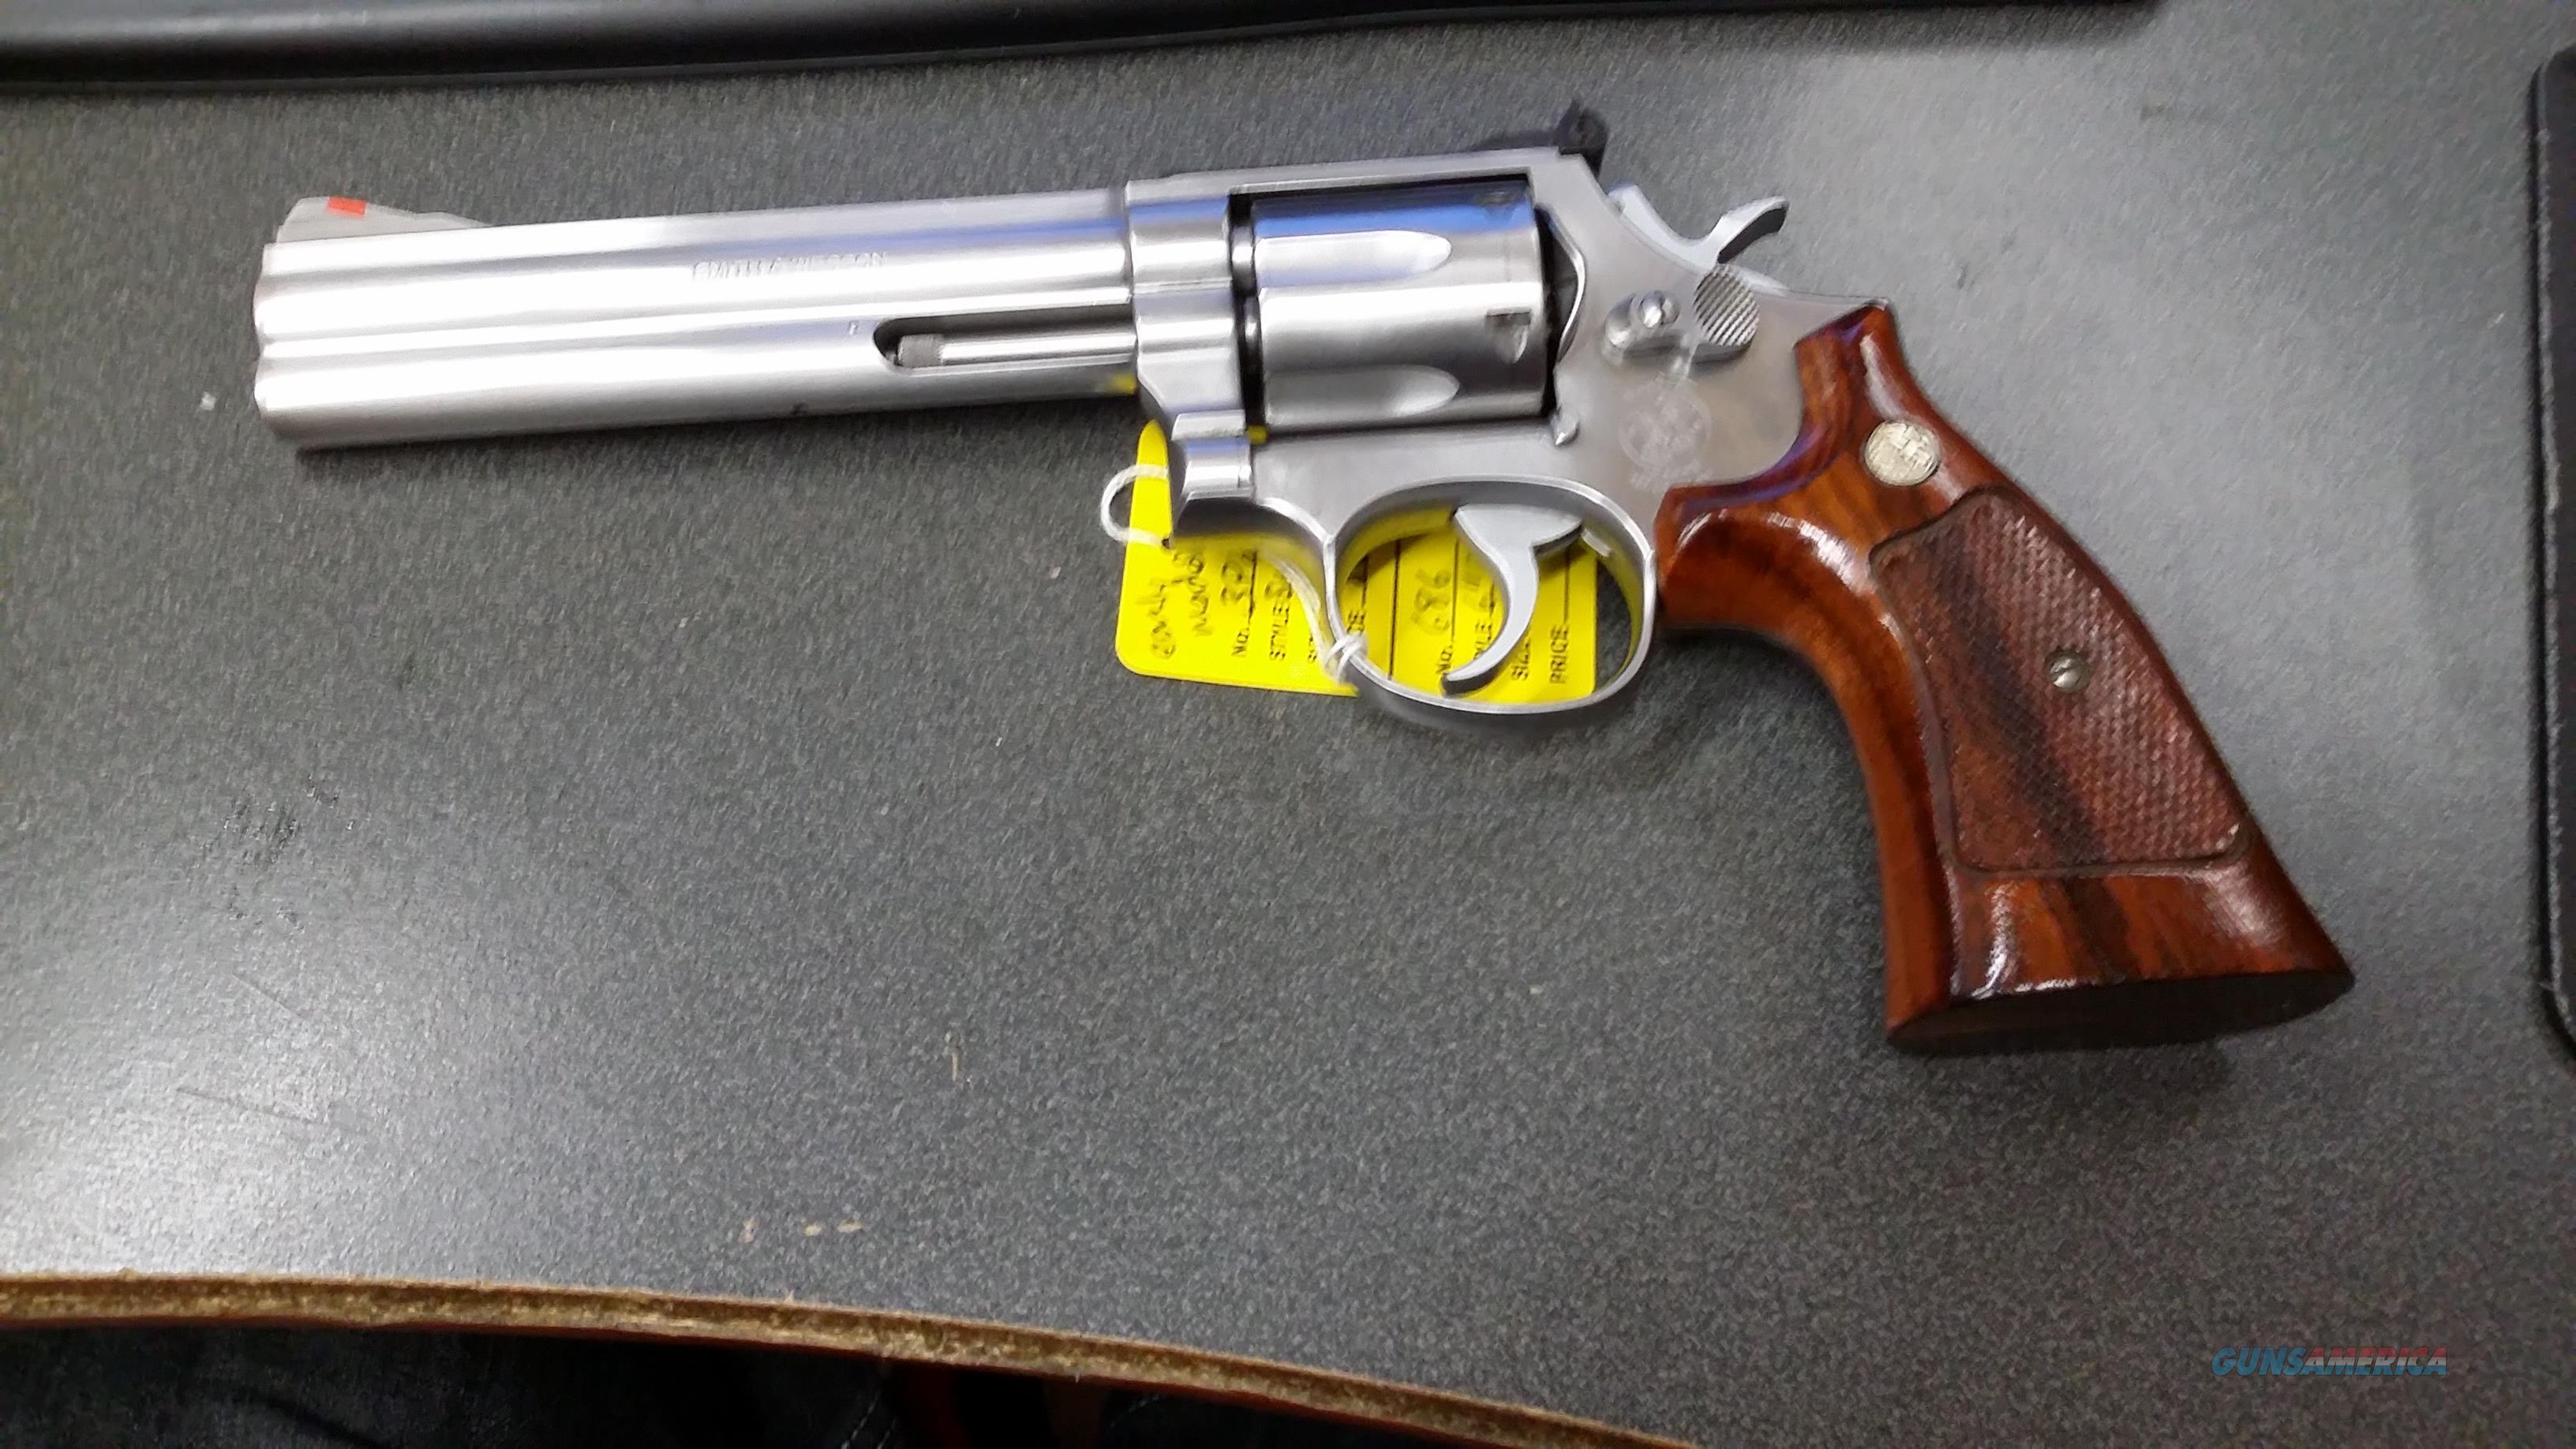 Smith and Wesson 686 Revolver No Dash  Guns > Pistols > Smith & Wesson Revolvers > Full Frame Revolver